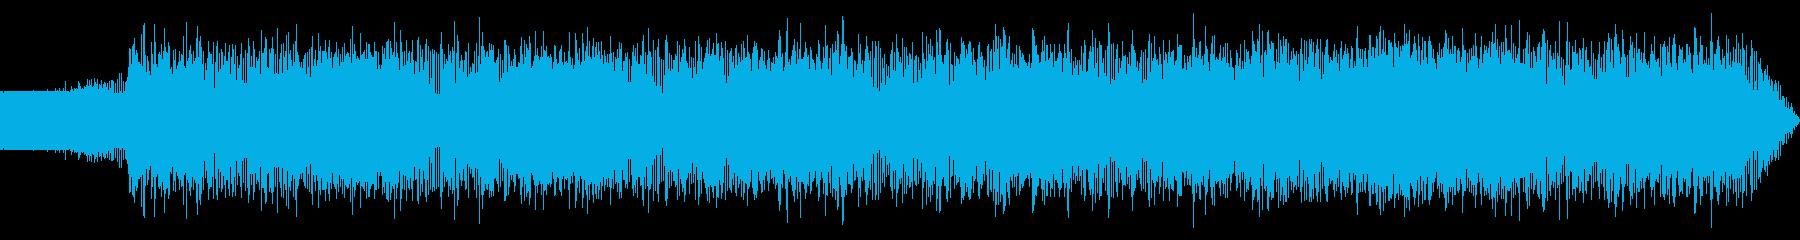 淡々としたエレクトロニカの再生済みの波形